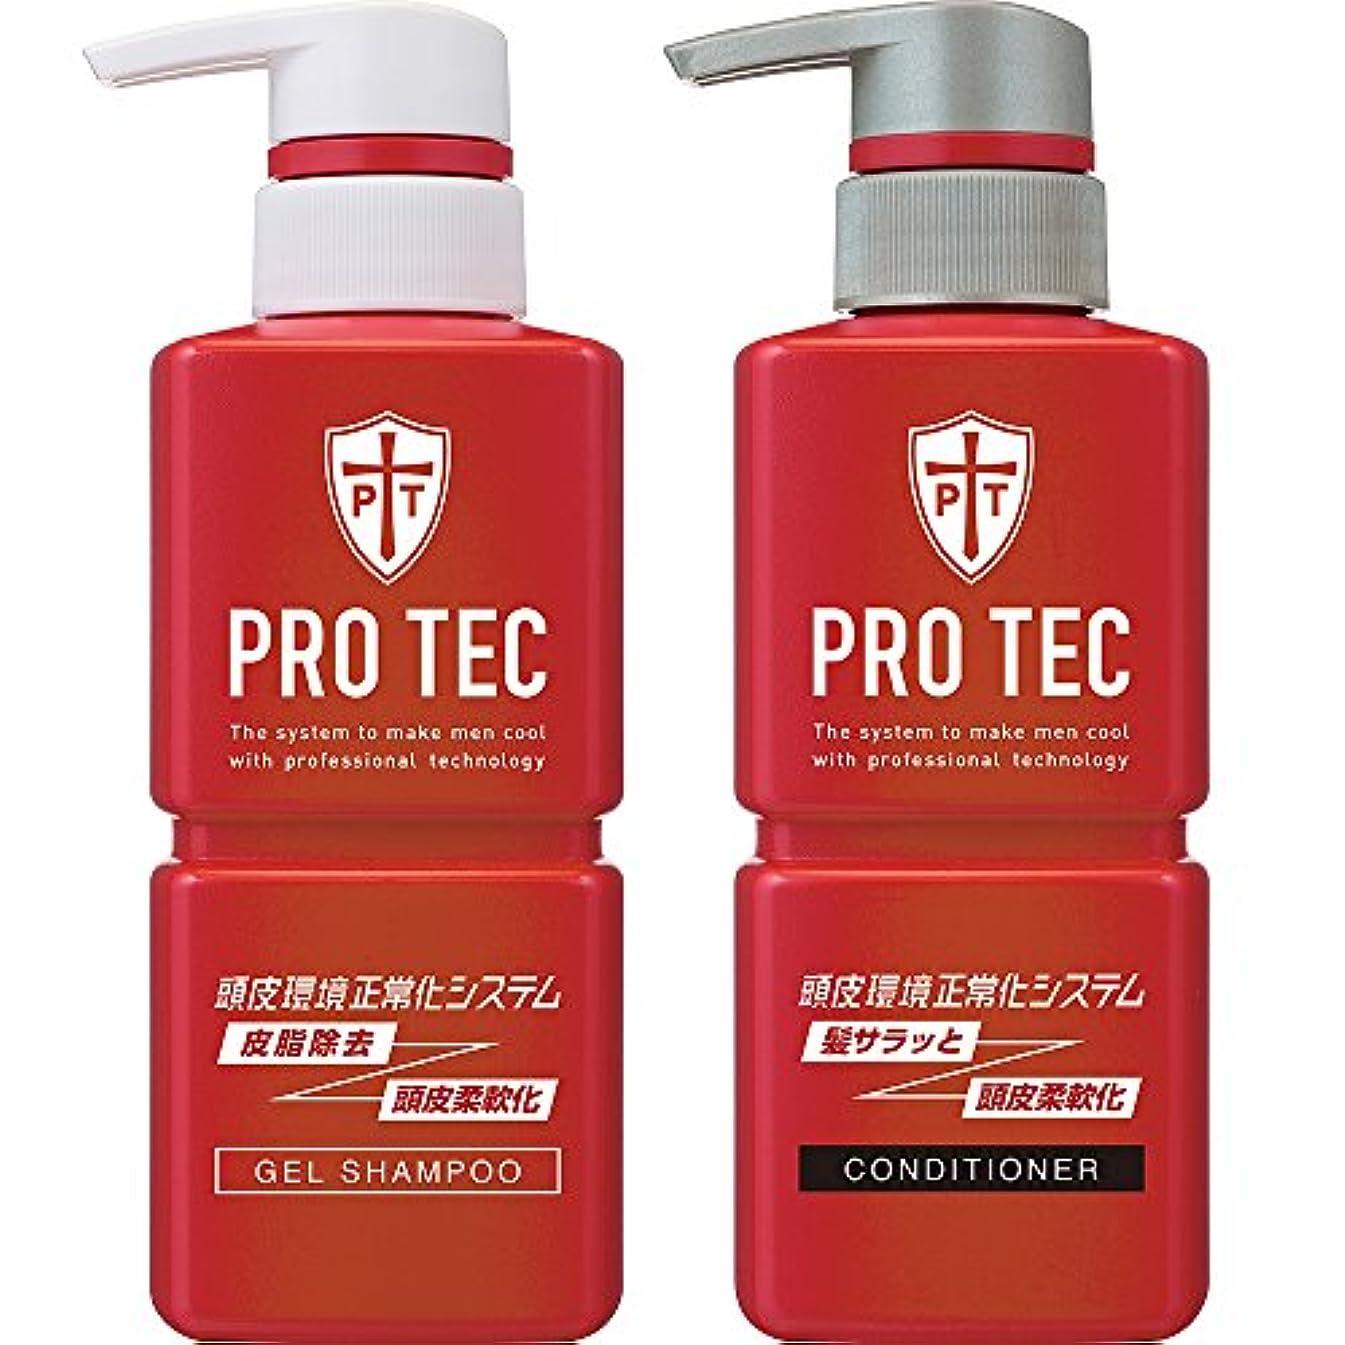 配分ブリリアント商標PRO TEC(プロテク) 頭皮ストレッチ シャンプー ポンプ 300g(医薬部外品)+ コンディショナー ポンプ 300g